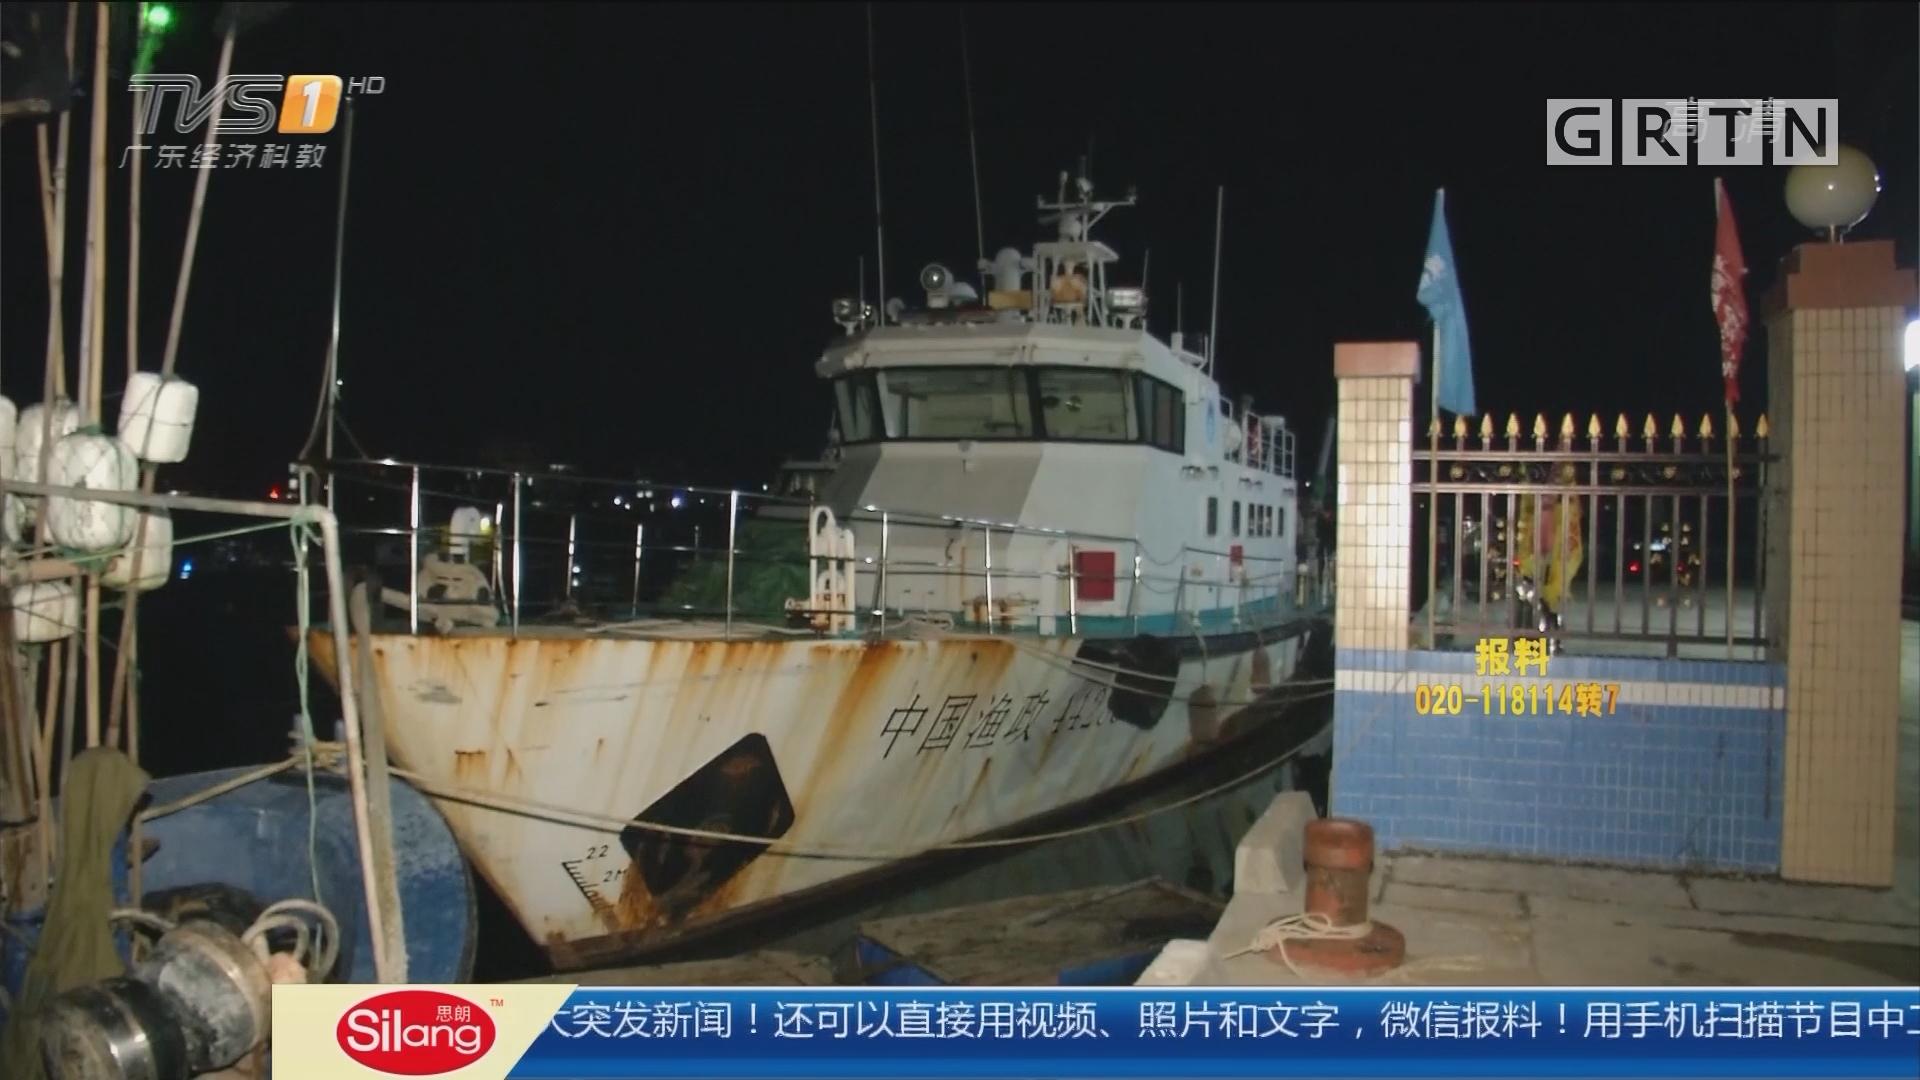 今夜最新:湛江雷州乌石港 全市解除台风预警 降为防风Ⅳ级应急响应